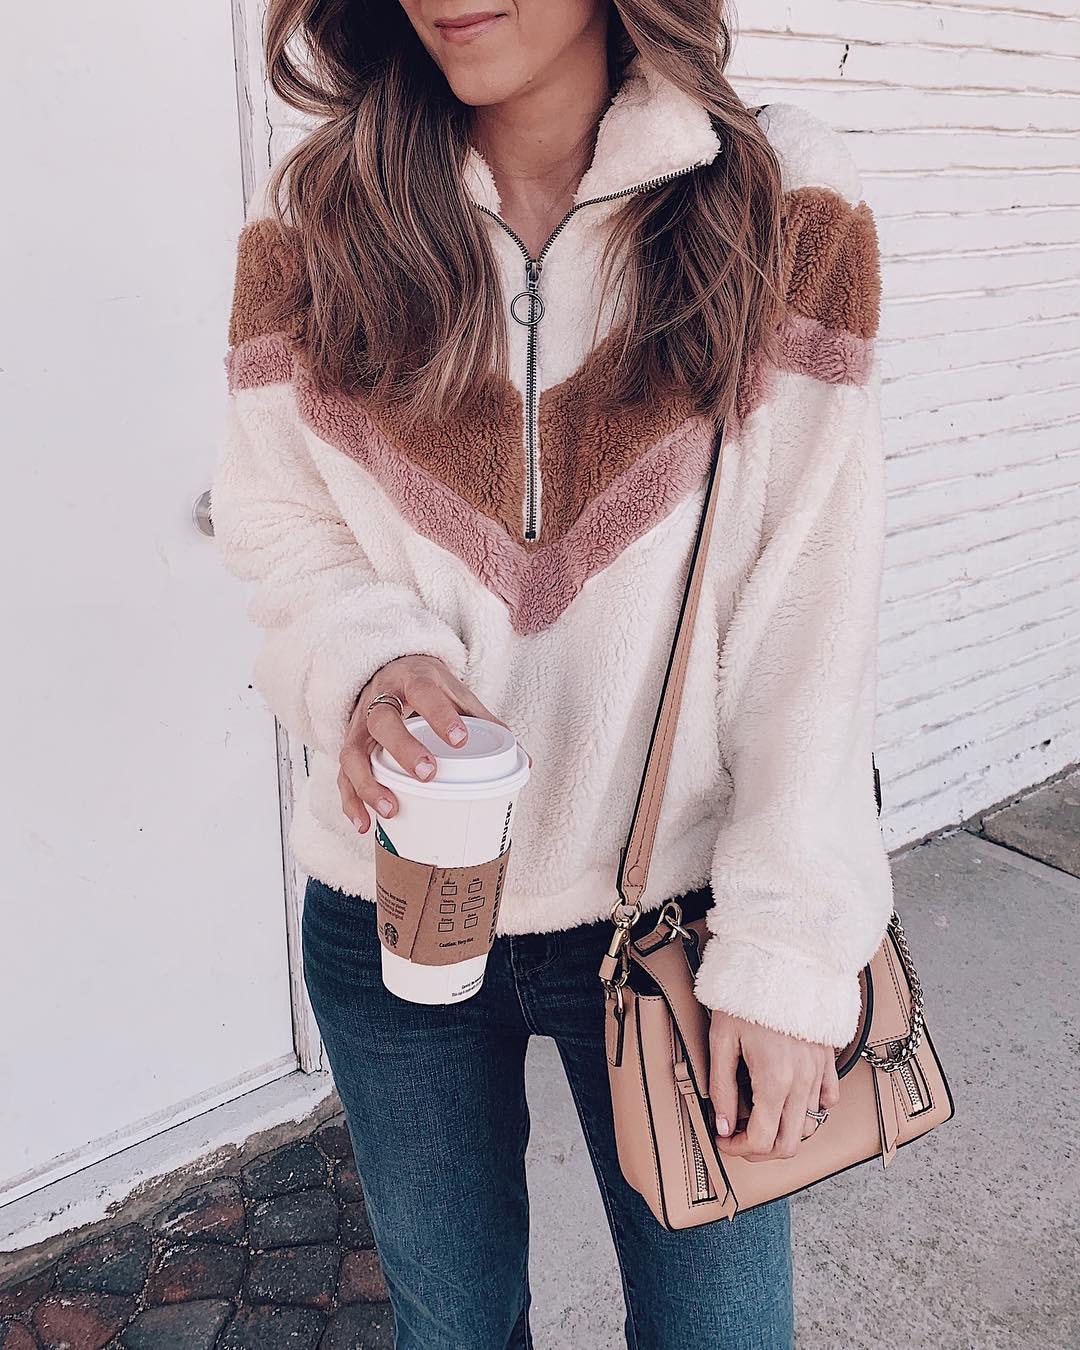 He15589825c554803b58b1c977b7cc23b5 New Style Women Warm Teddy Bear Fleece Pullover Coat Zip Outwear Overcoat Long Sleeve Jumper Top Pullover Winter Warm Soft Coat